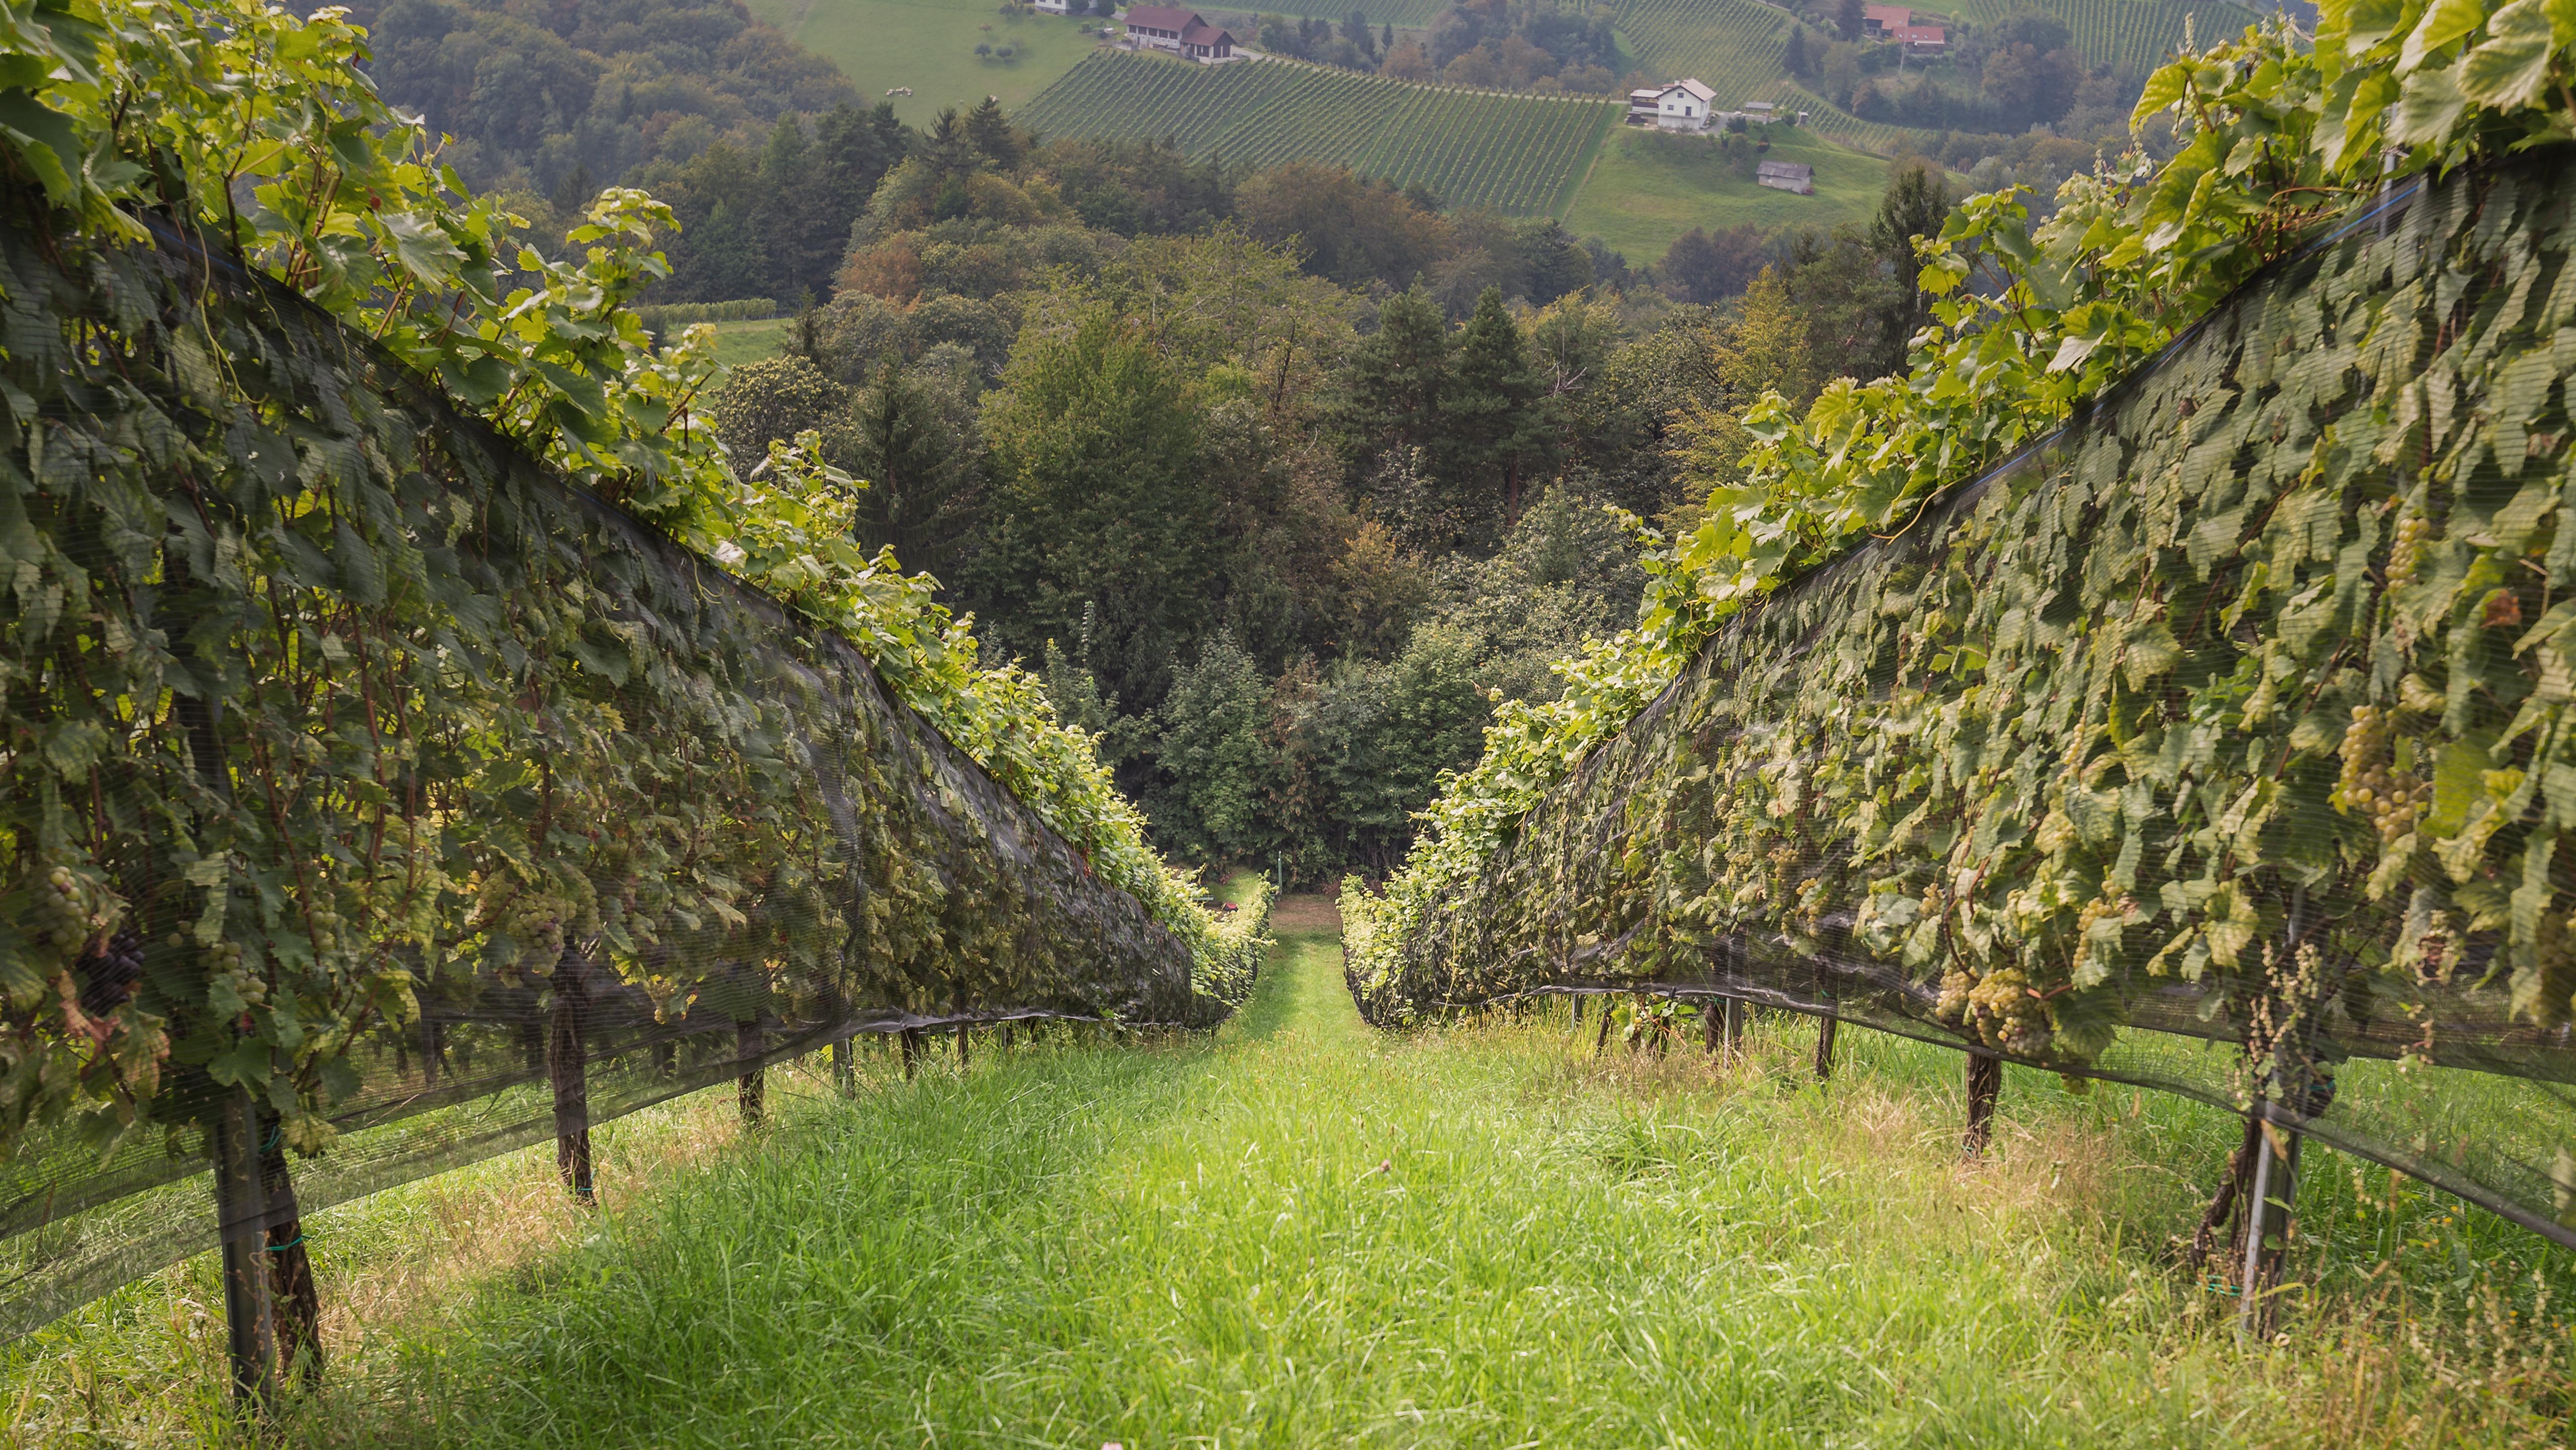 10 Things to do in Styria auf dem österreichischen Lifestyle Blog Bits and Bobs by Eva. Mehr über die Steiermark auf www.bitsandbobsbyeva.com